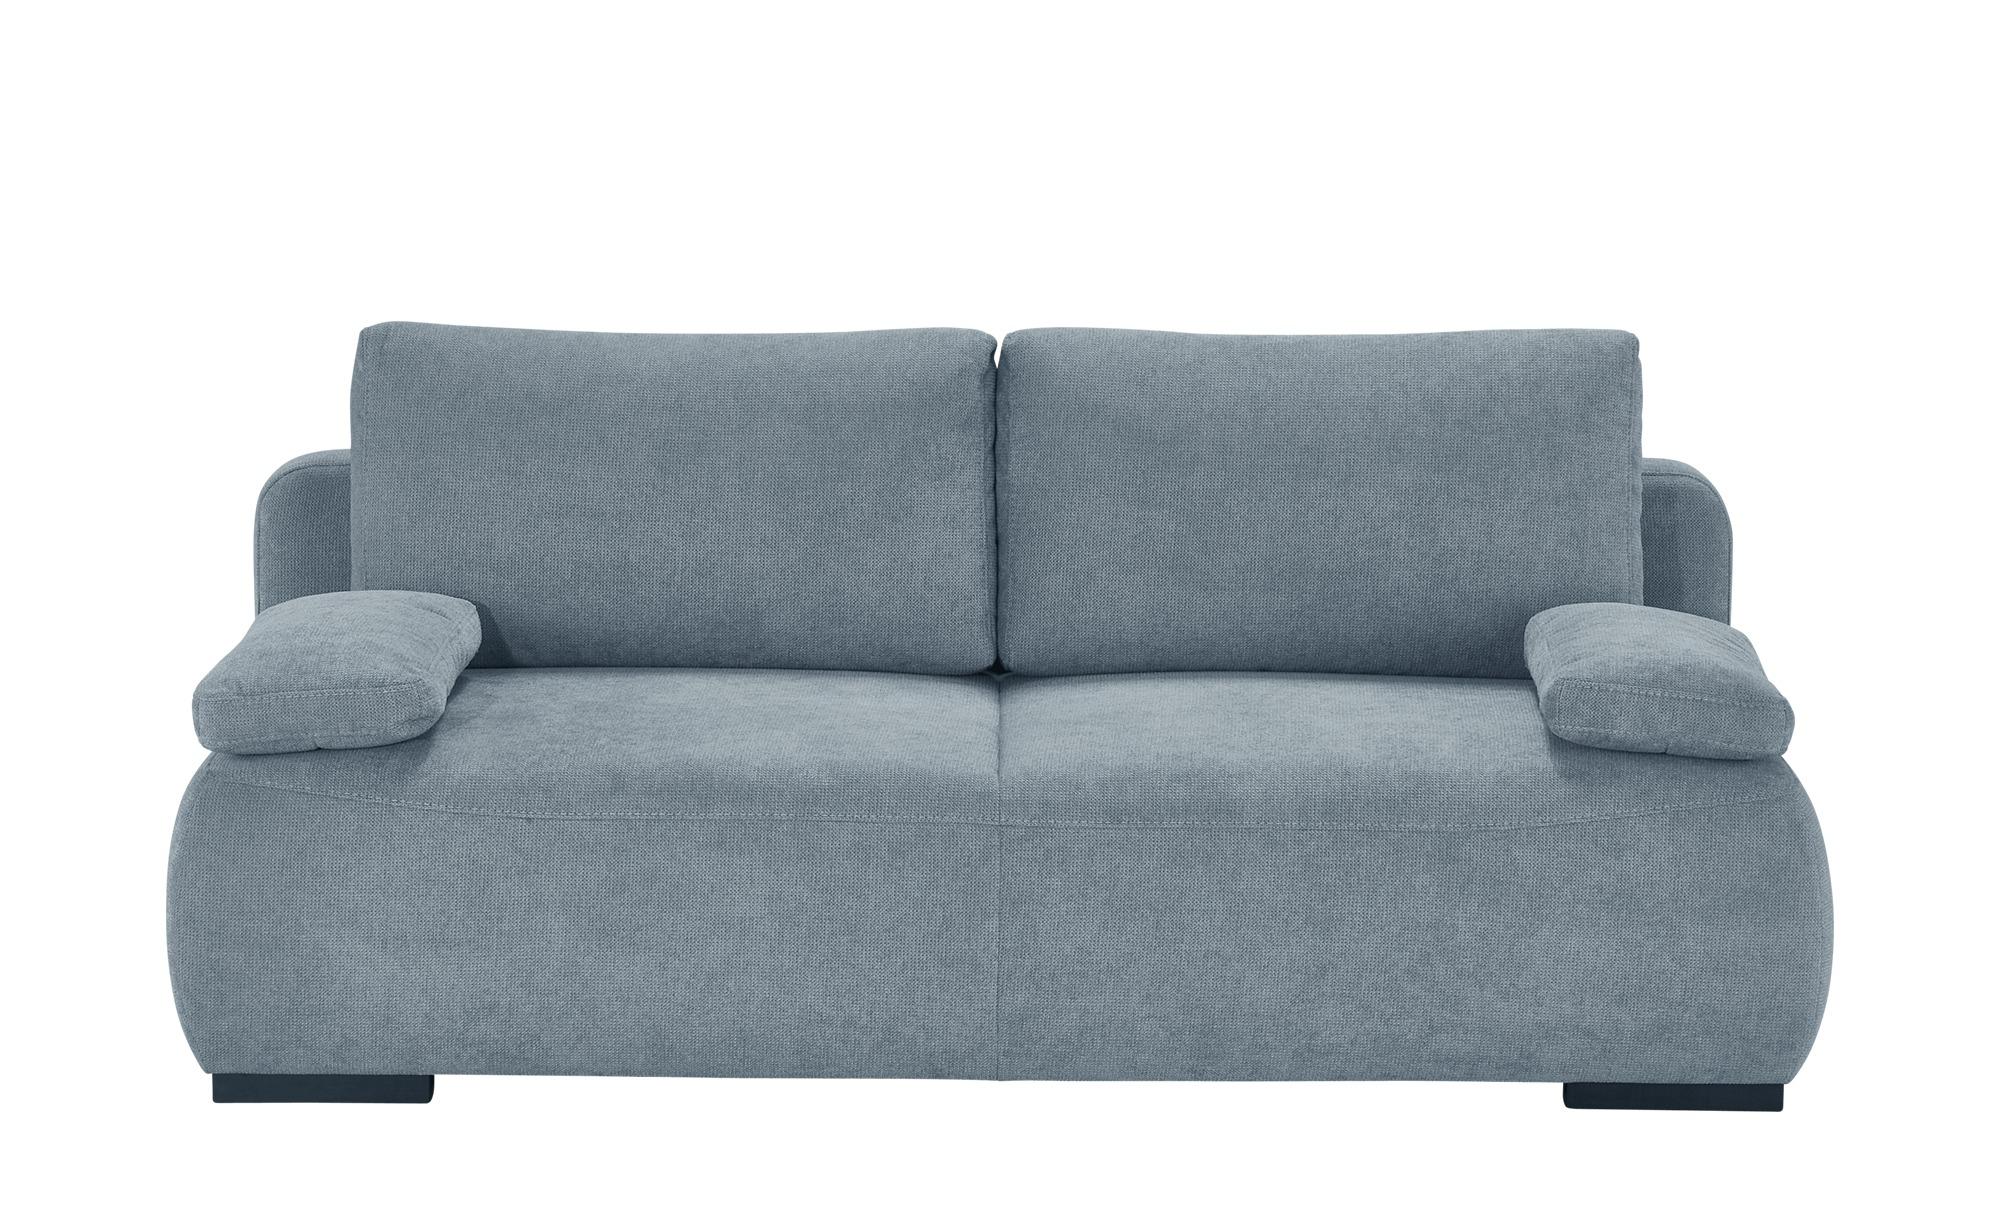 bobb Schlafsofa  Liora de Luxe ¦ blau ¦ Maße (cm): B: 204 H: 86 T: 96 Polstermöbel > Sofas > Einzelsofas - Höffner